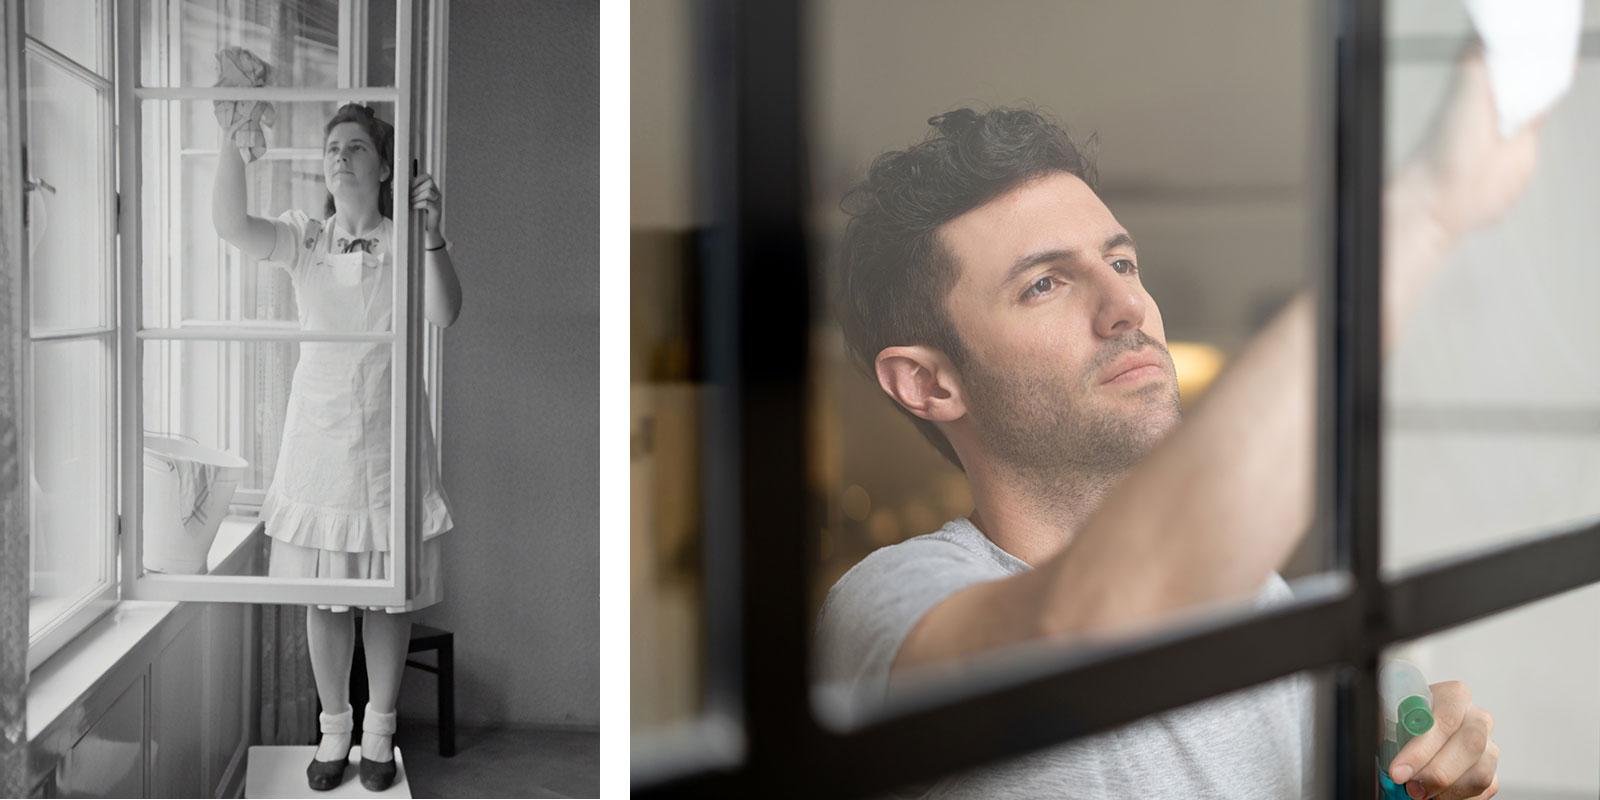 Fensterputzen gestern und heute